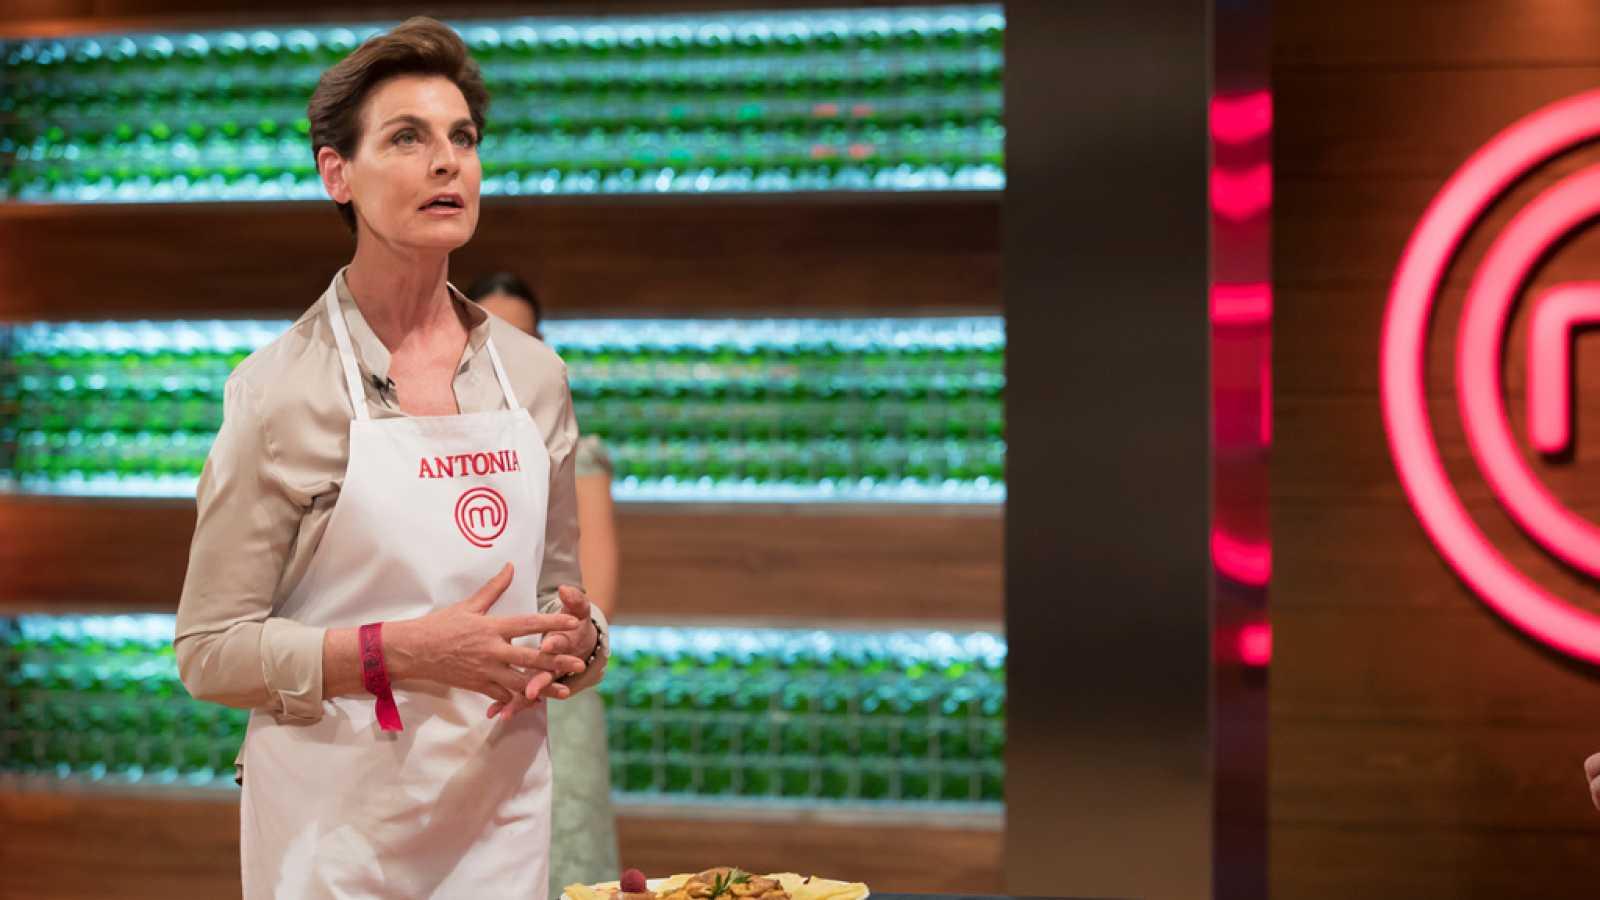 Antonia Dell'Atte a 'Masterchef'   TVE